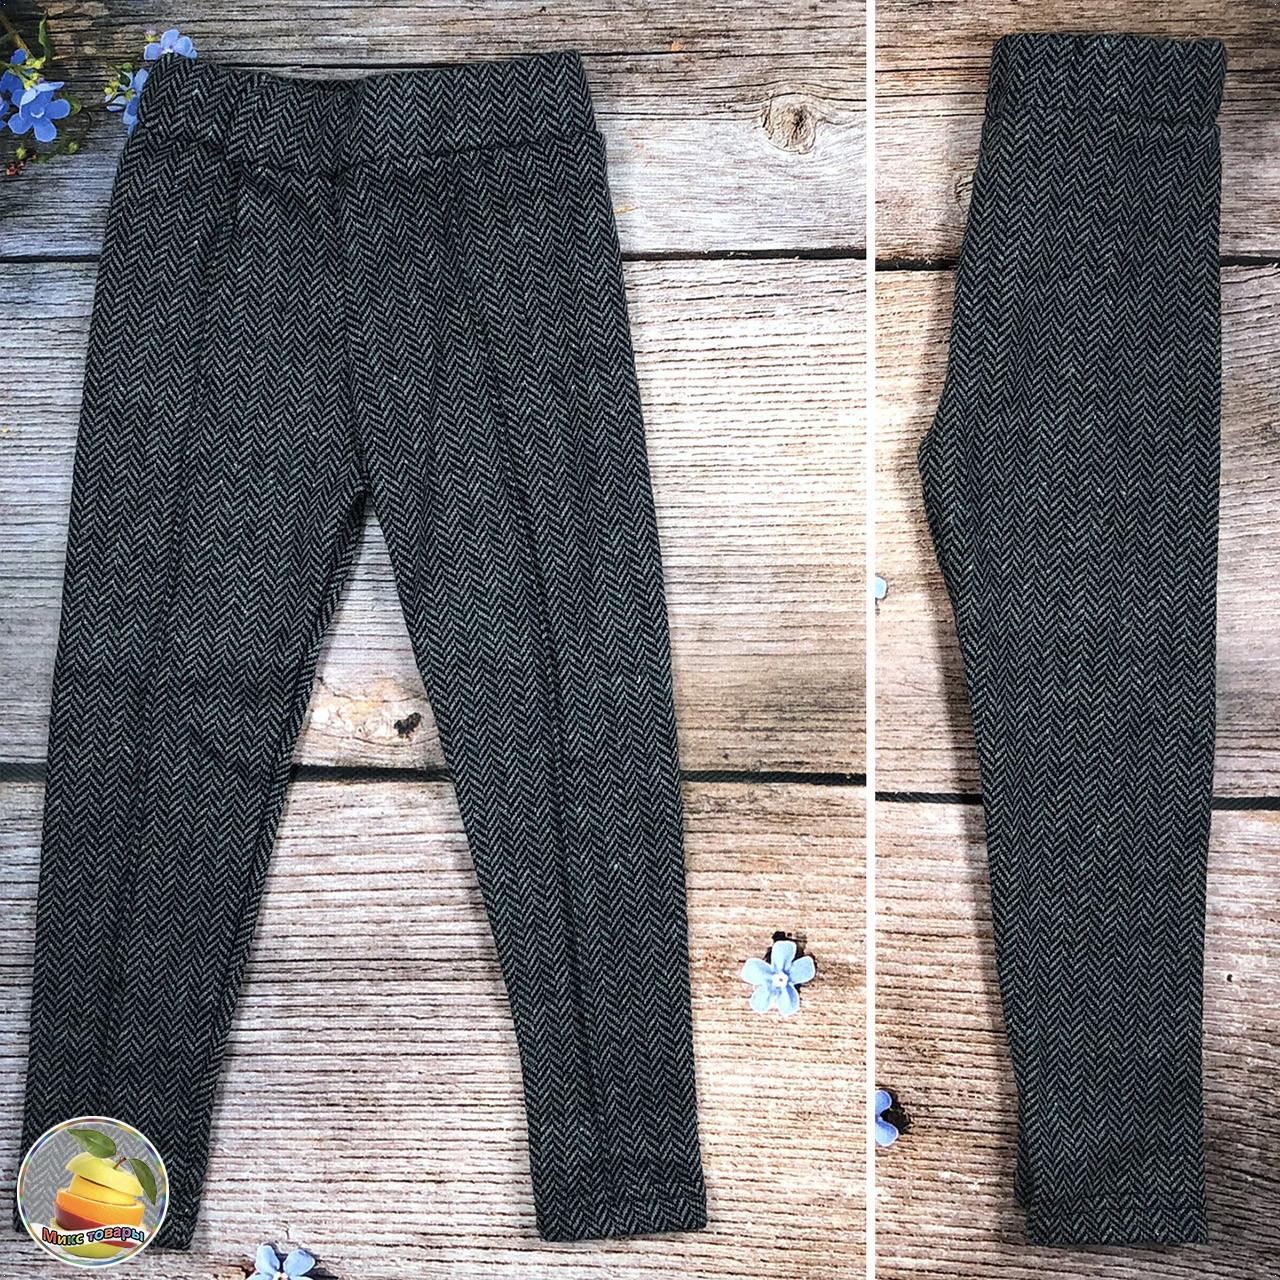 Плотные лосины с наружной ворсой для девочек Размеры: 110,116,122,128 см (8948-1)